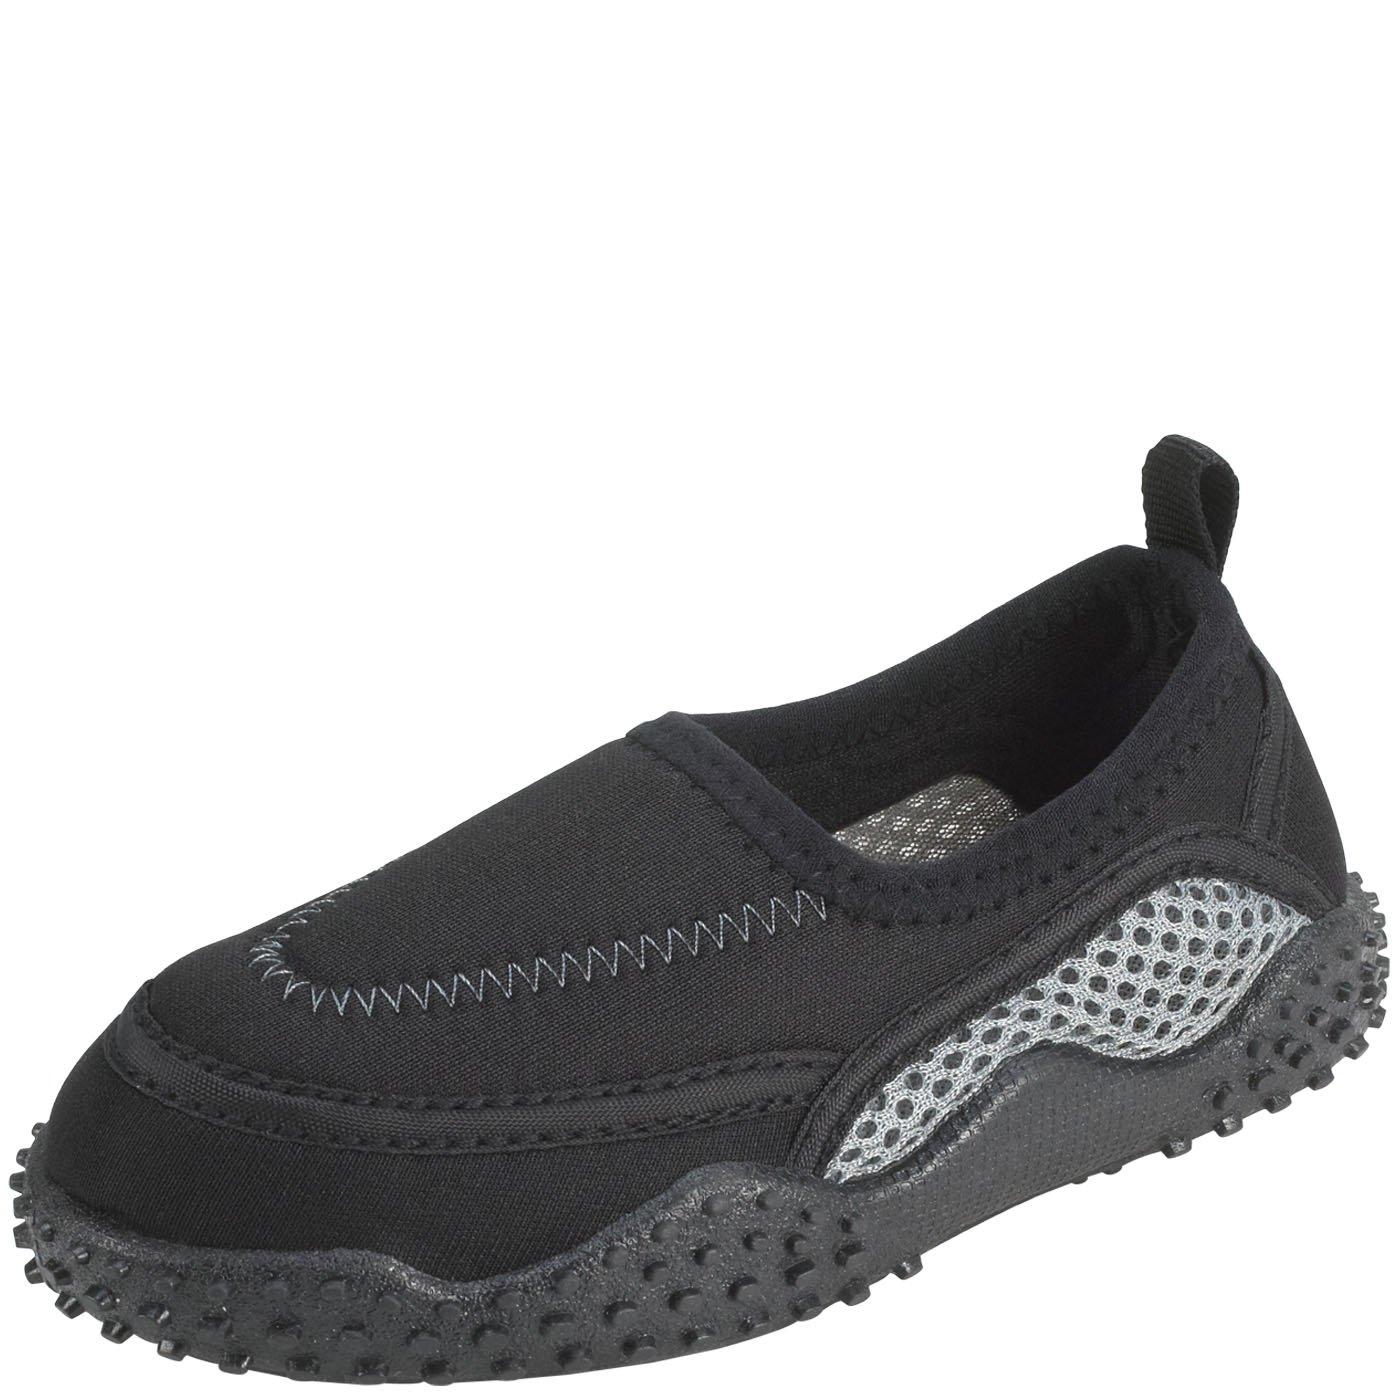 Airwalk Boys Toddler Water Sock 071029-Parent